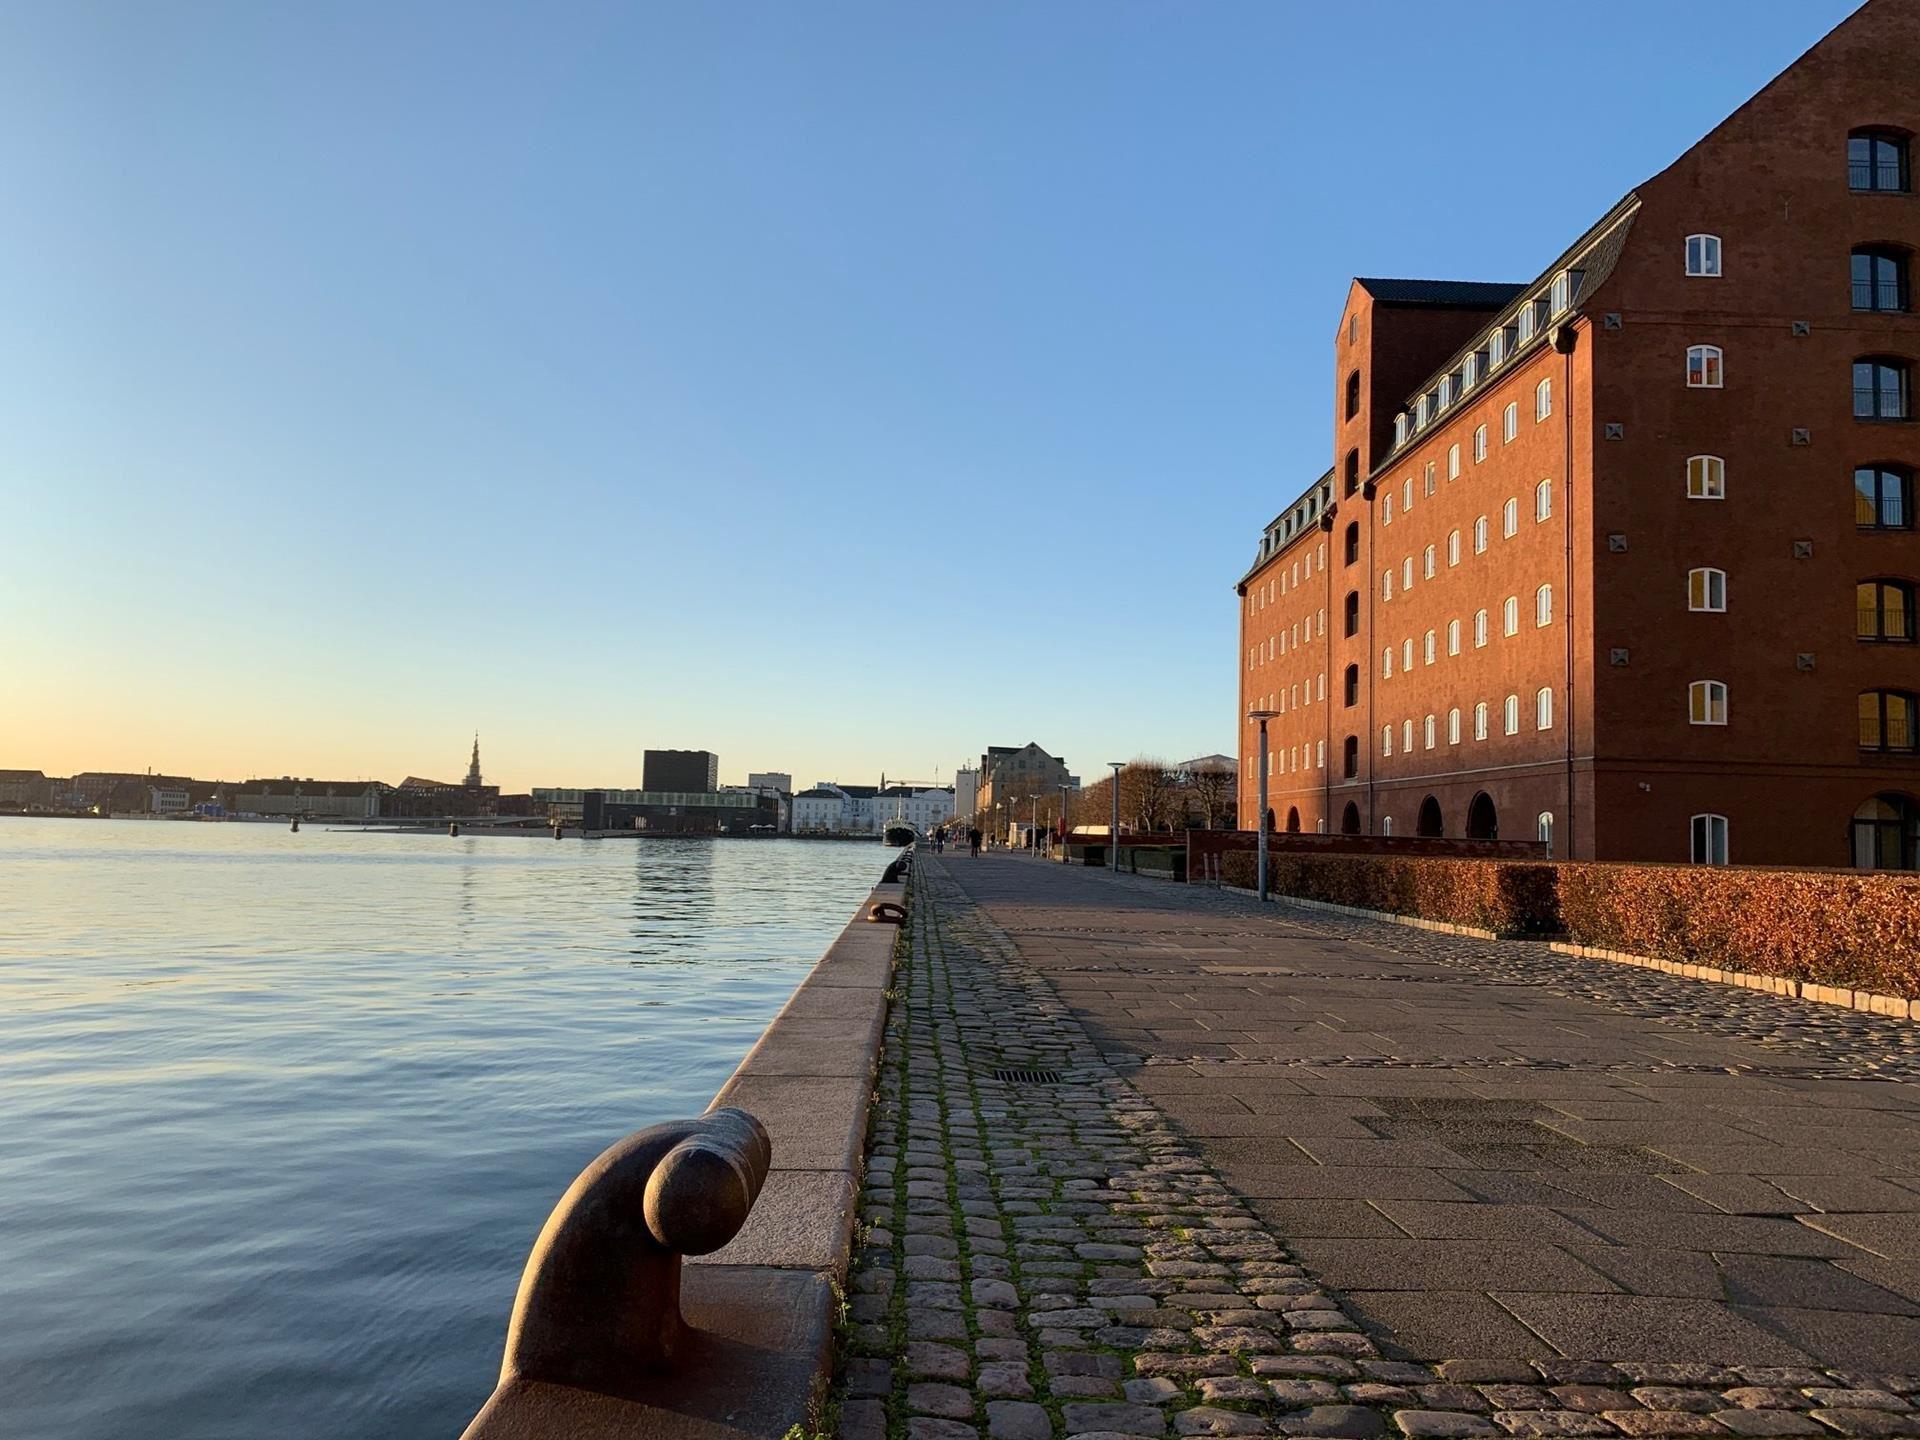 Toldbodgade 36A, 3. TV., 1253 København K